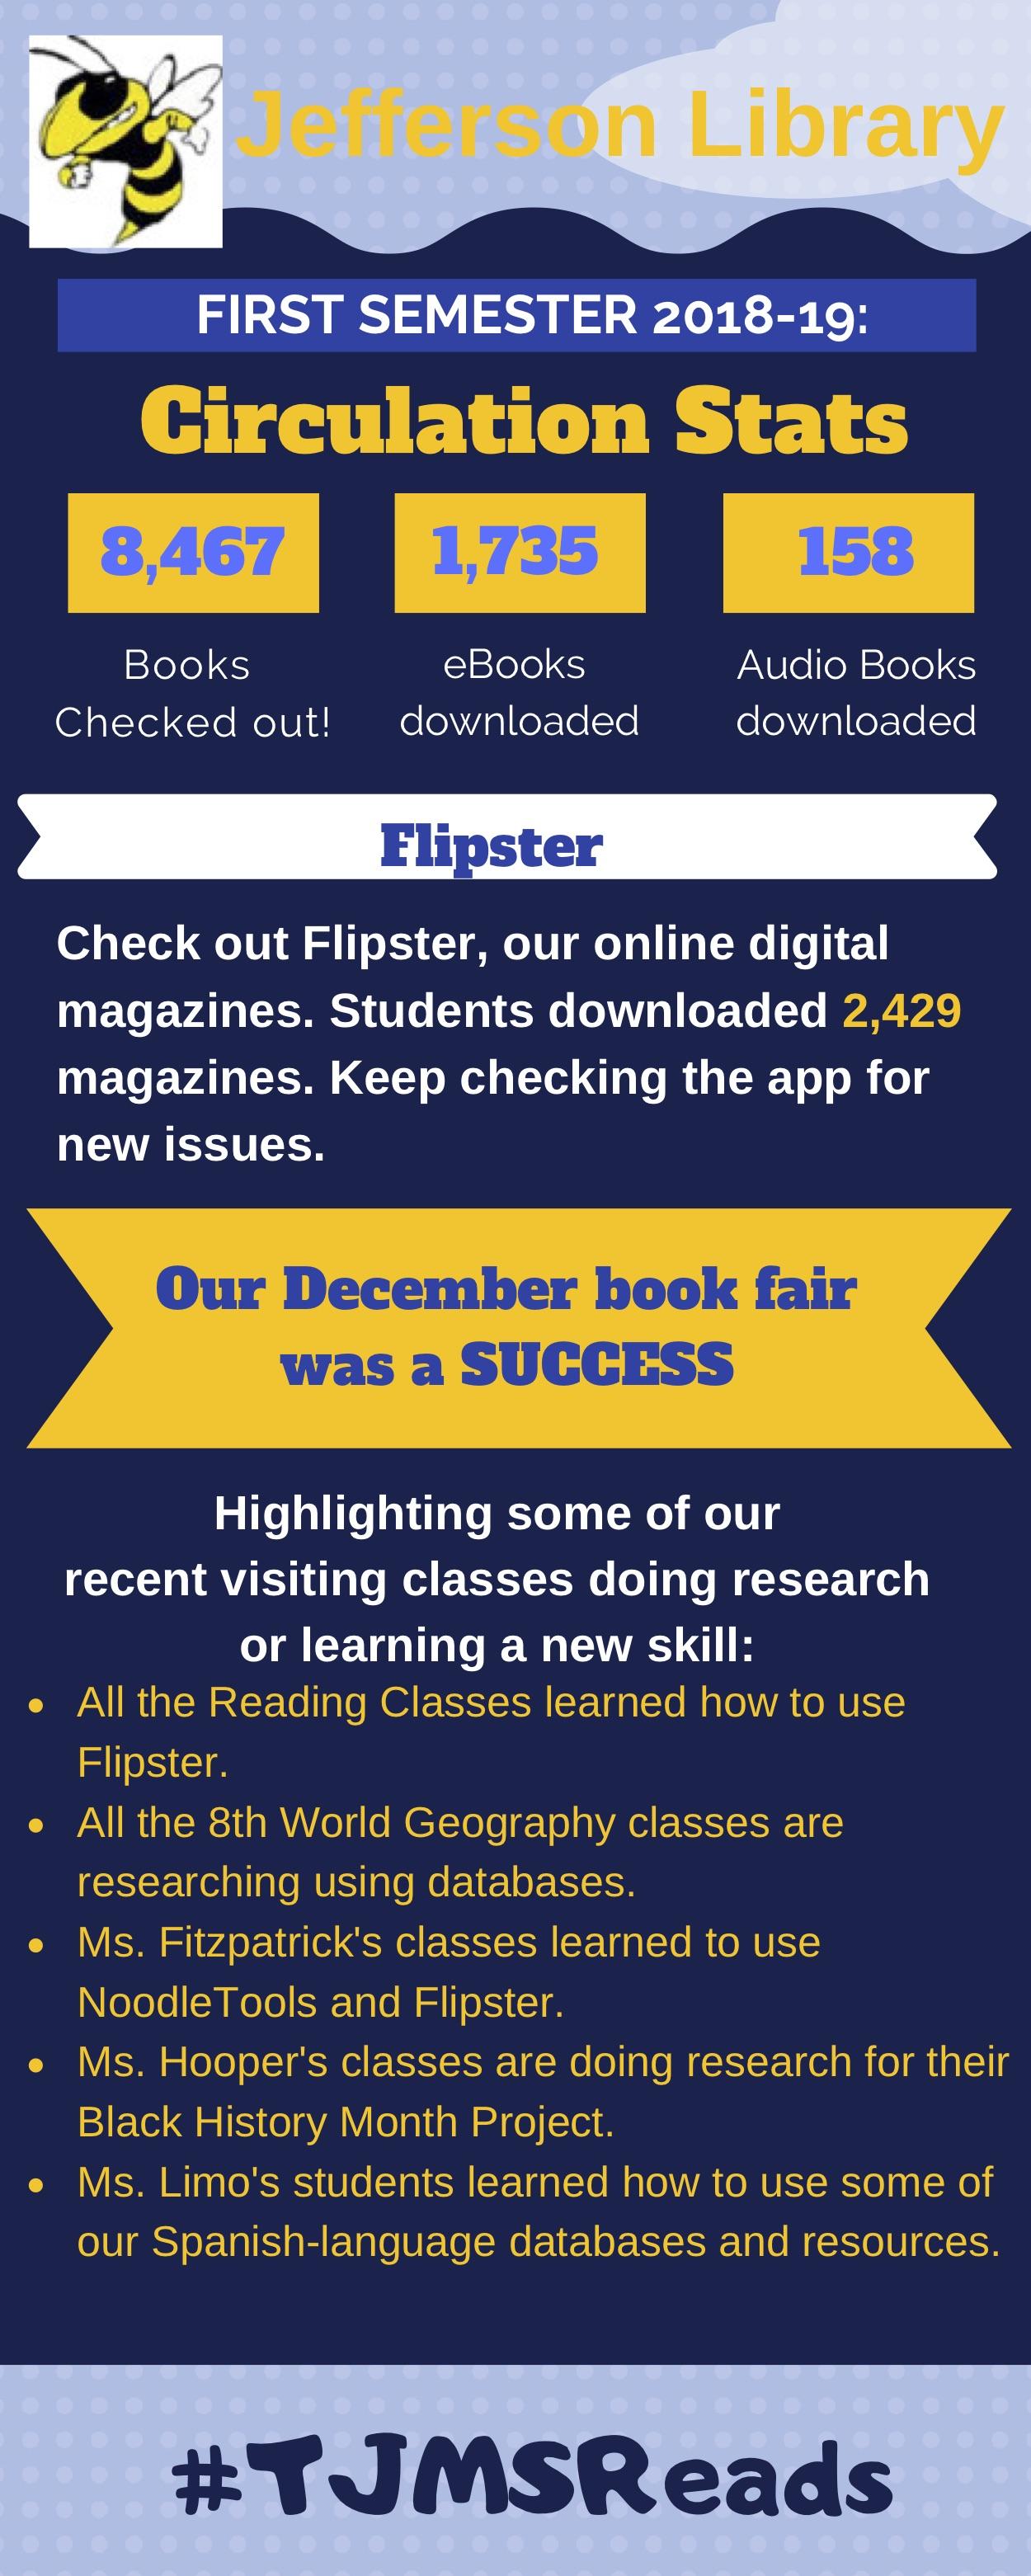 Quarter 2 Library NewsLetter